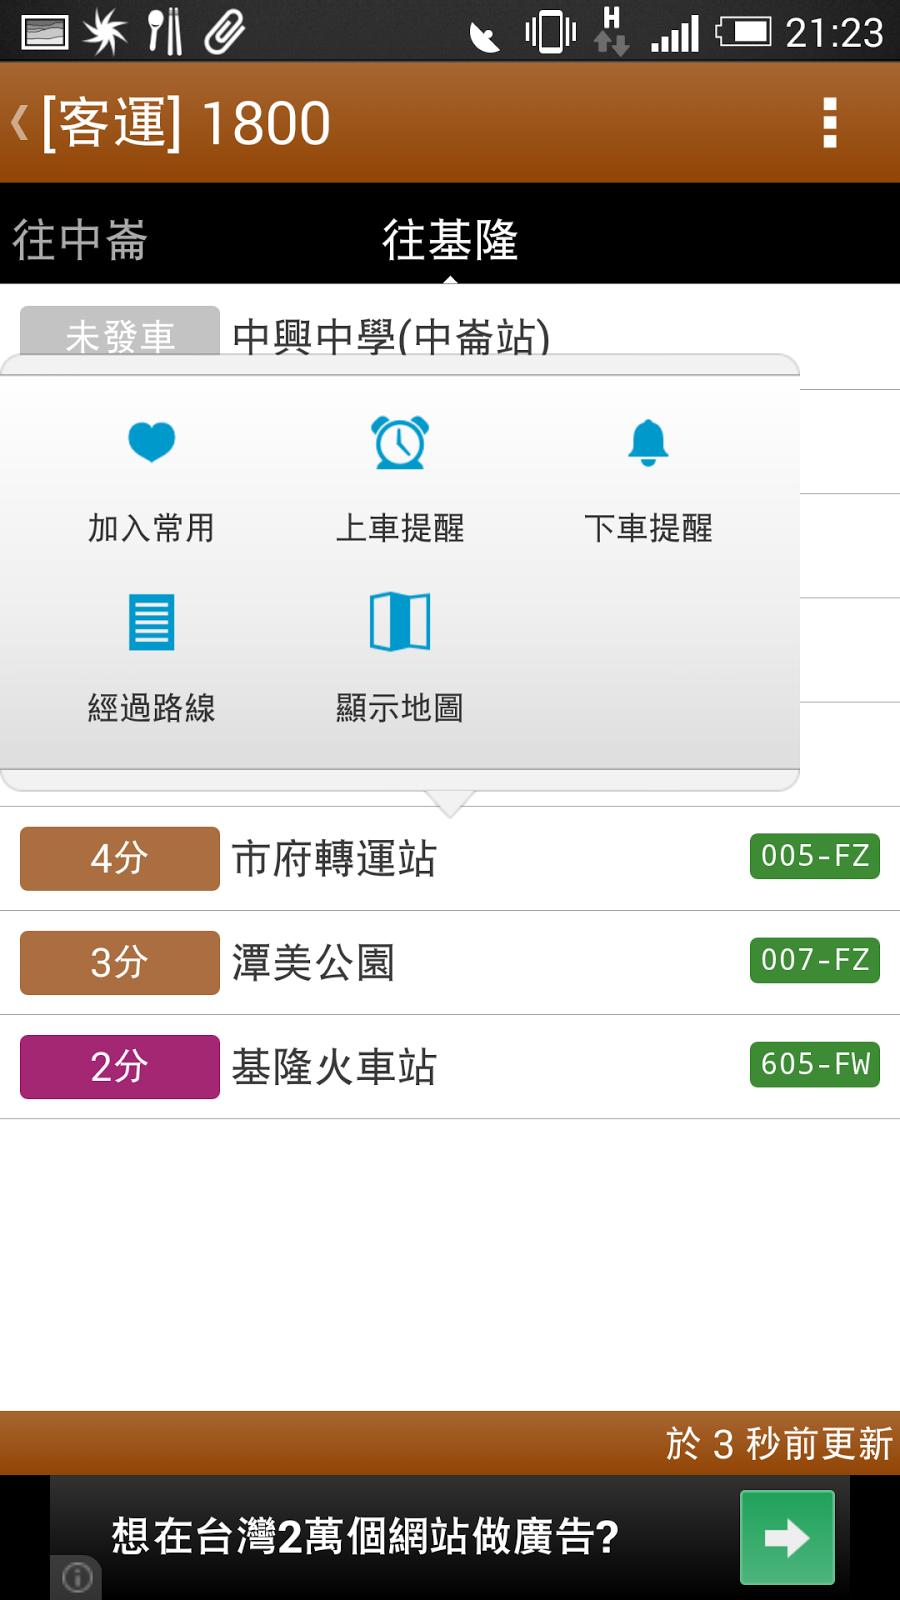 臺灣版Google地圖欠缺功能就用這11款 App 補足|數位時代